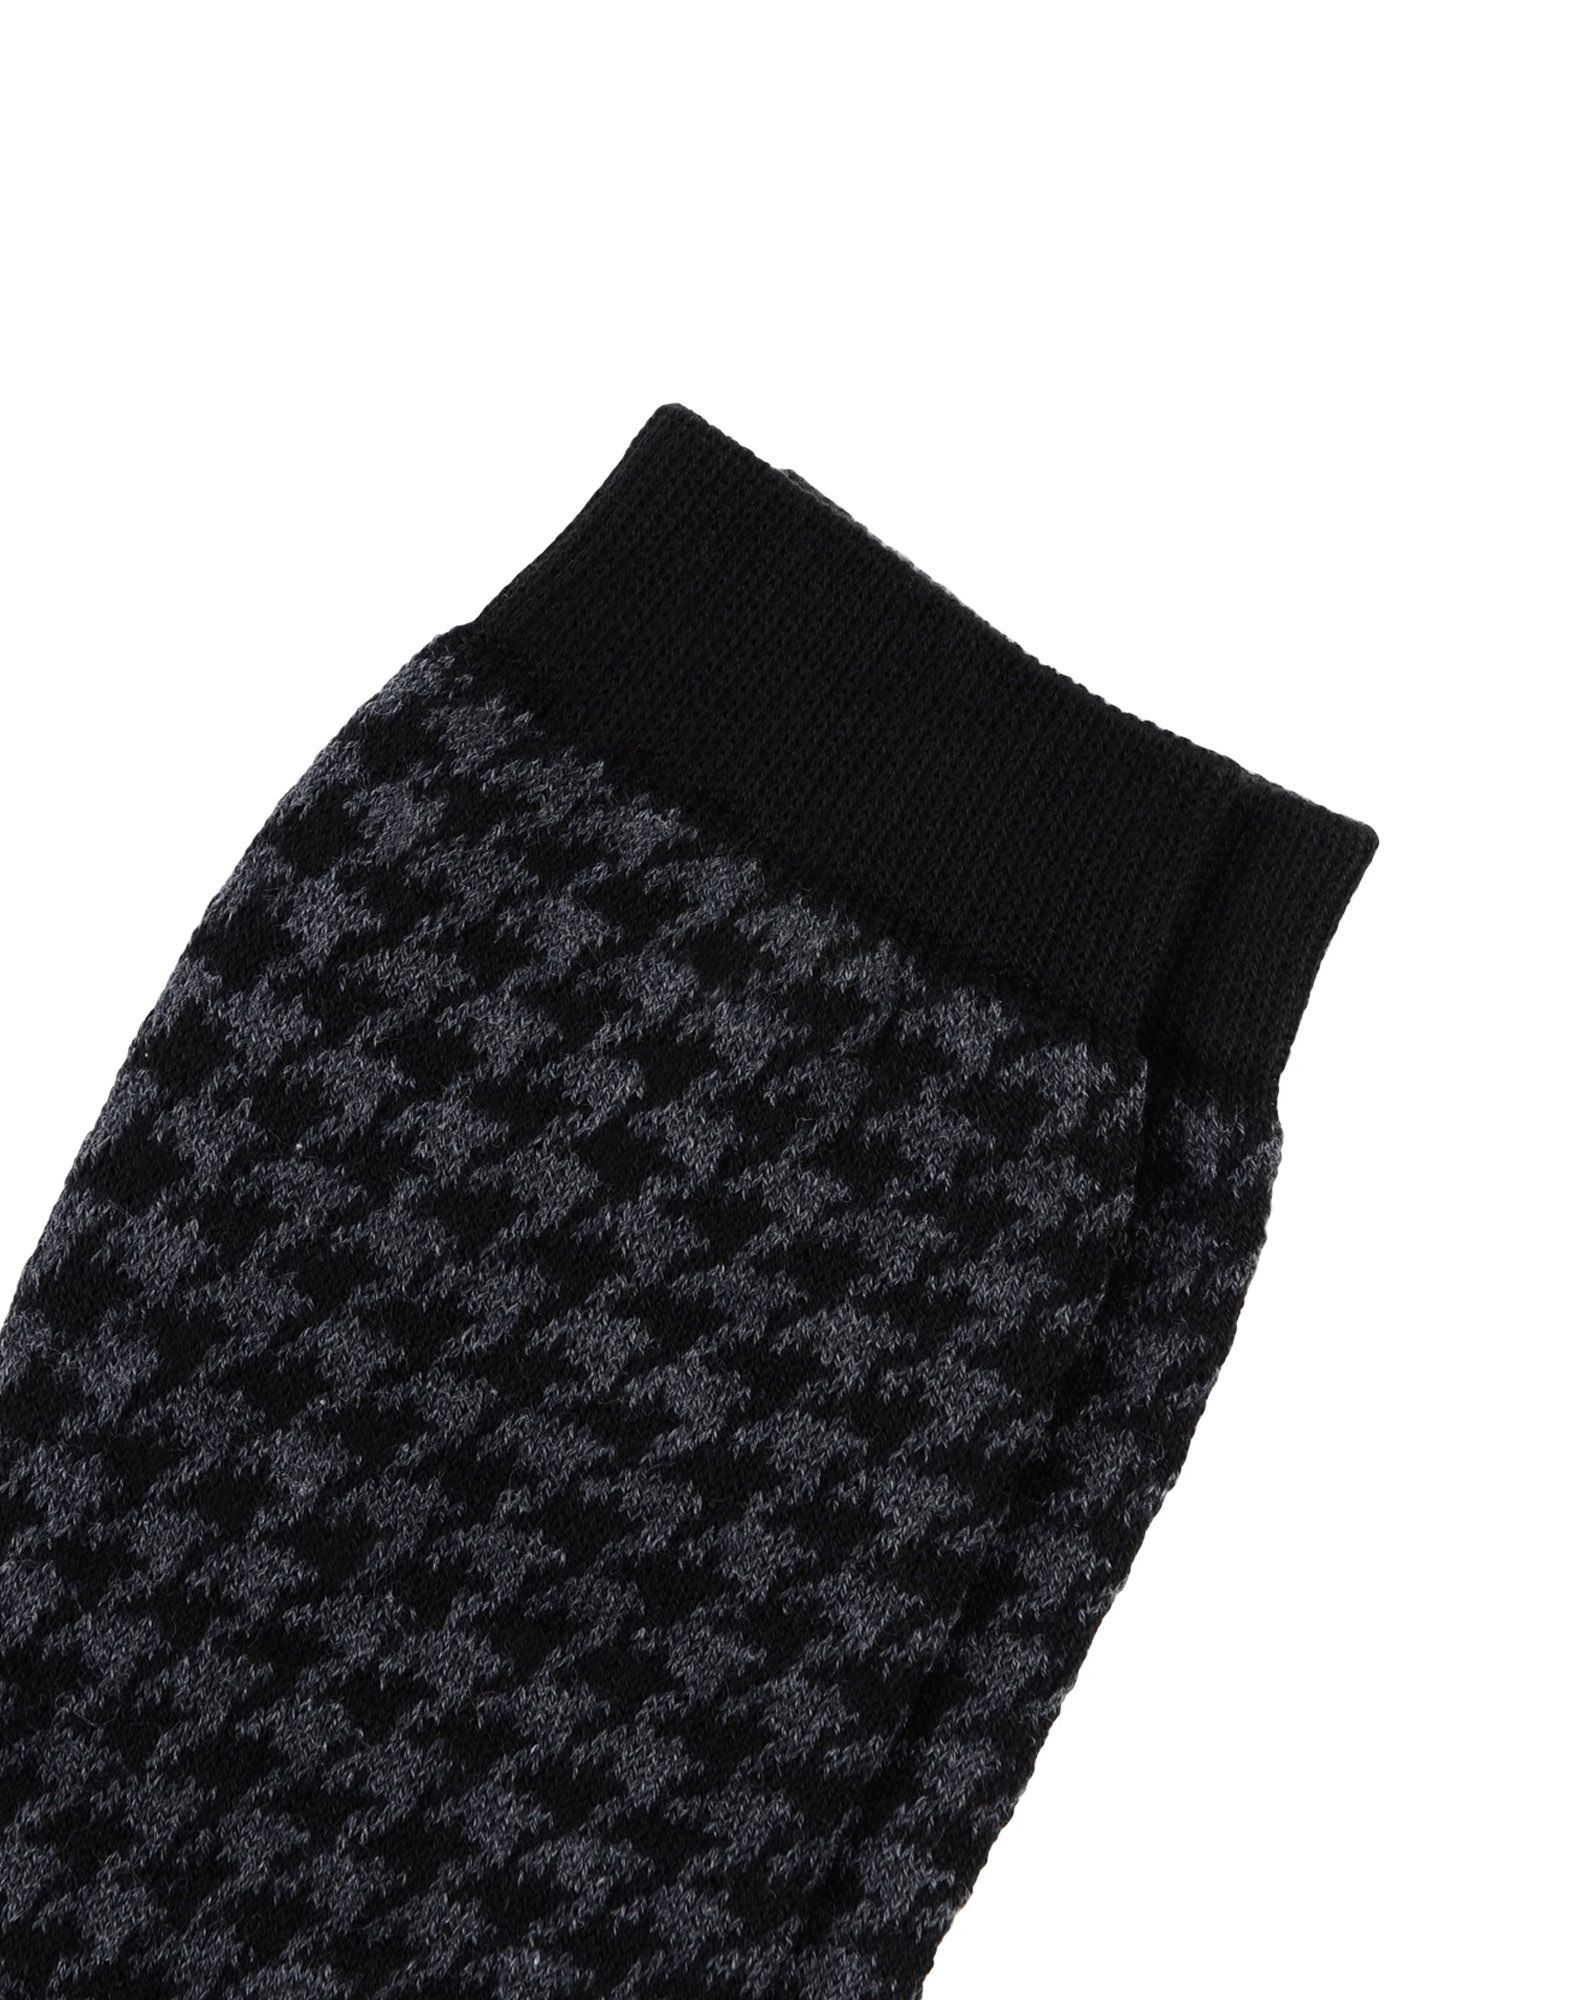 UNDERWEAR Dolce & Gabbana Black Boy Cotton